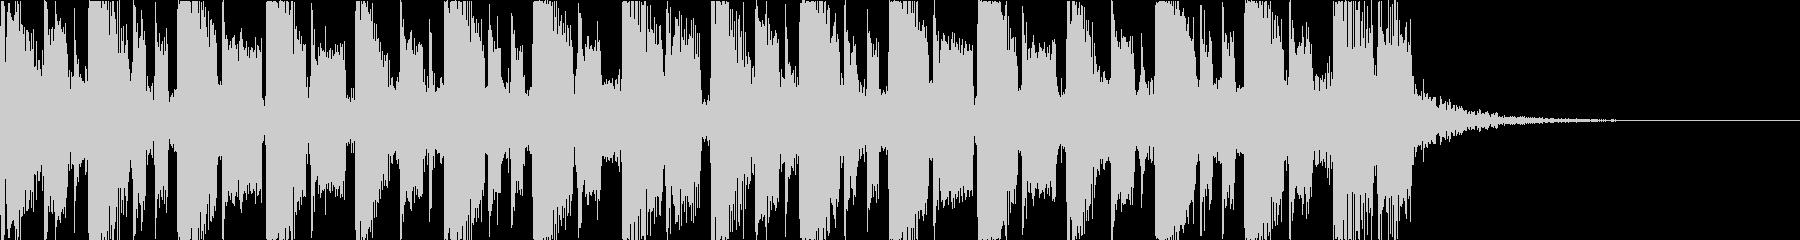 キャッチーで深みのあるEDM2の未再生の波形